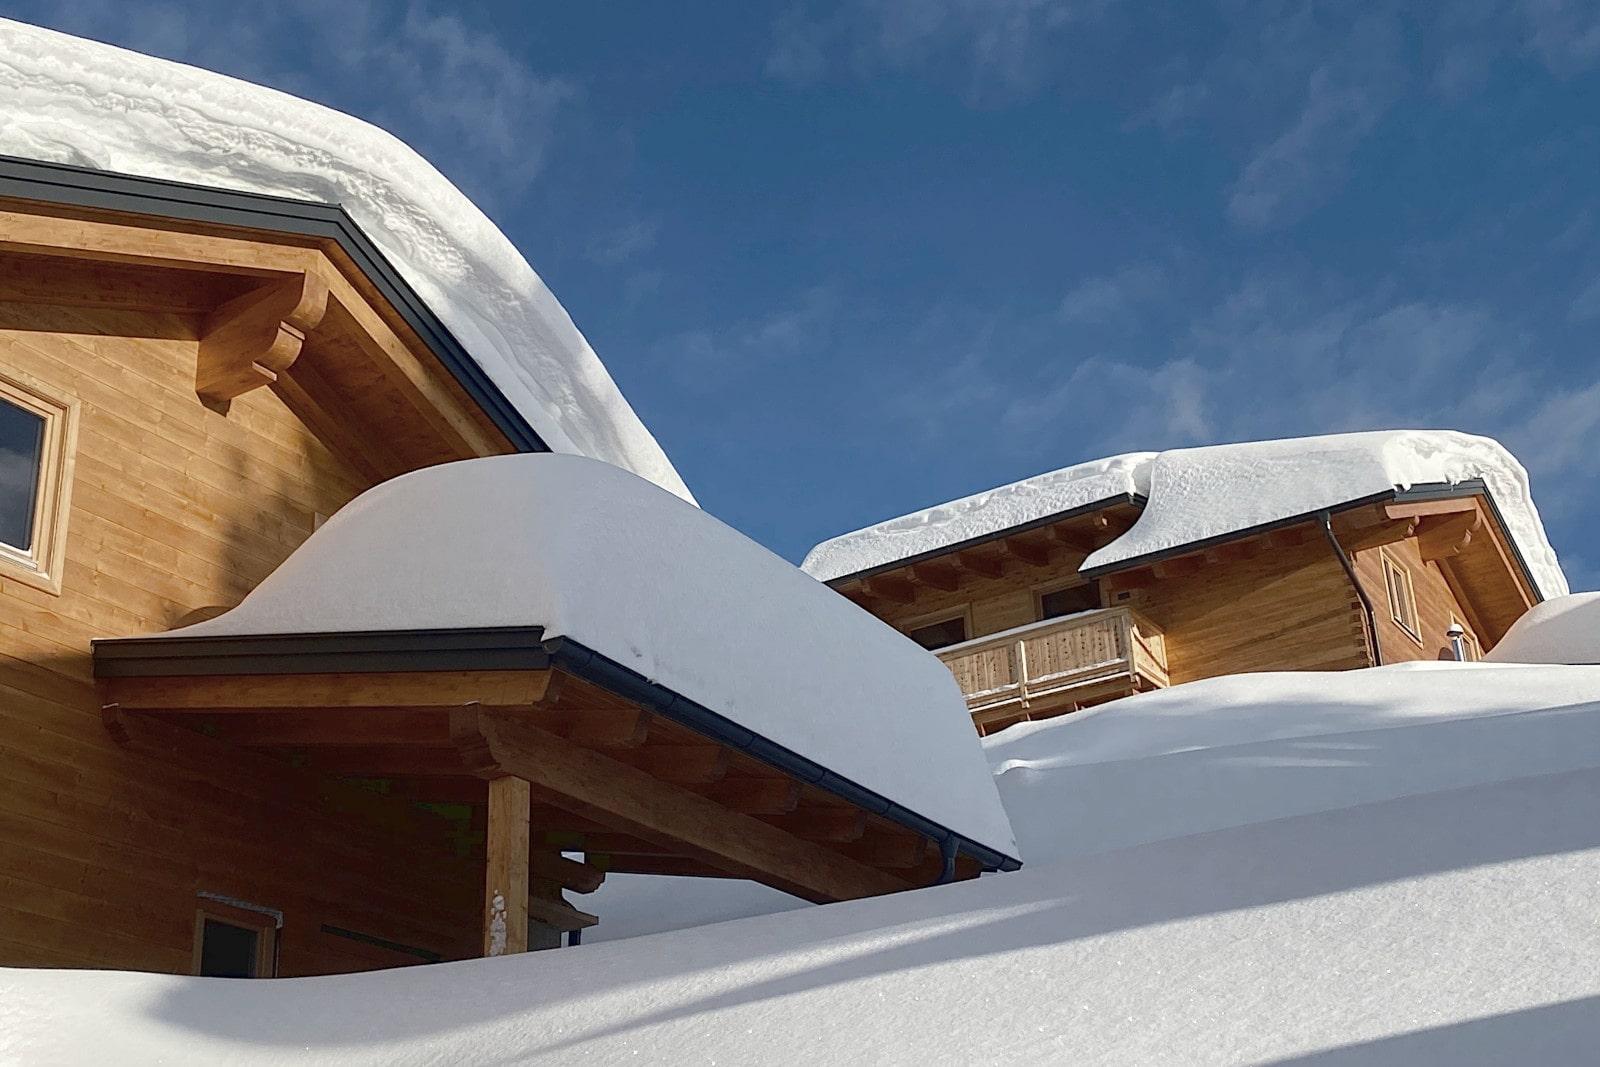 Heidi-Chalet-Falkert-Heidialm-Bergwinter-Detail-Schnee-Winter